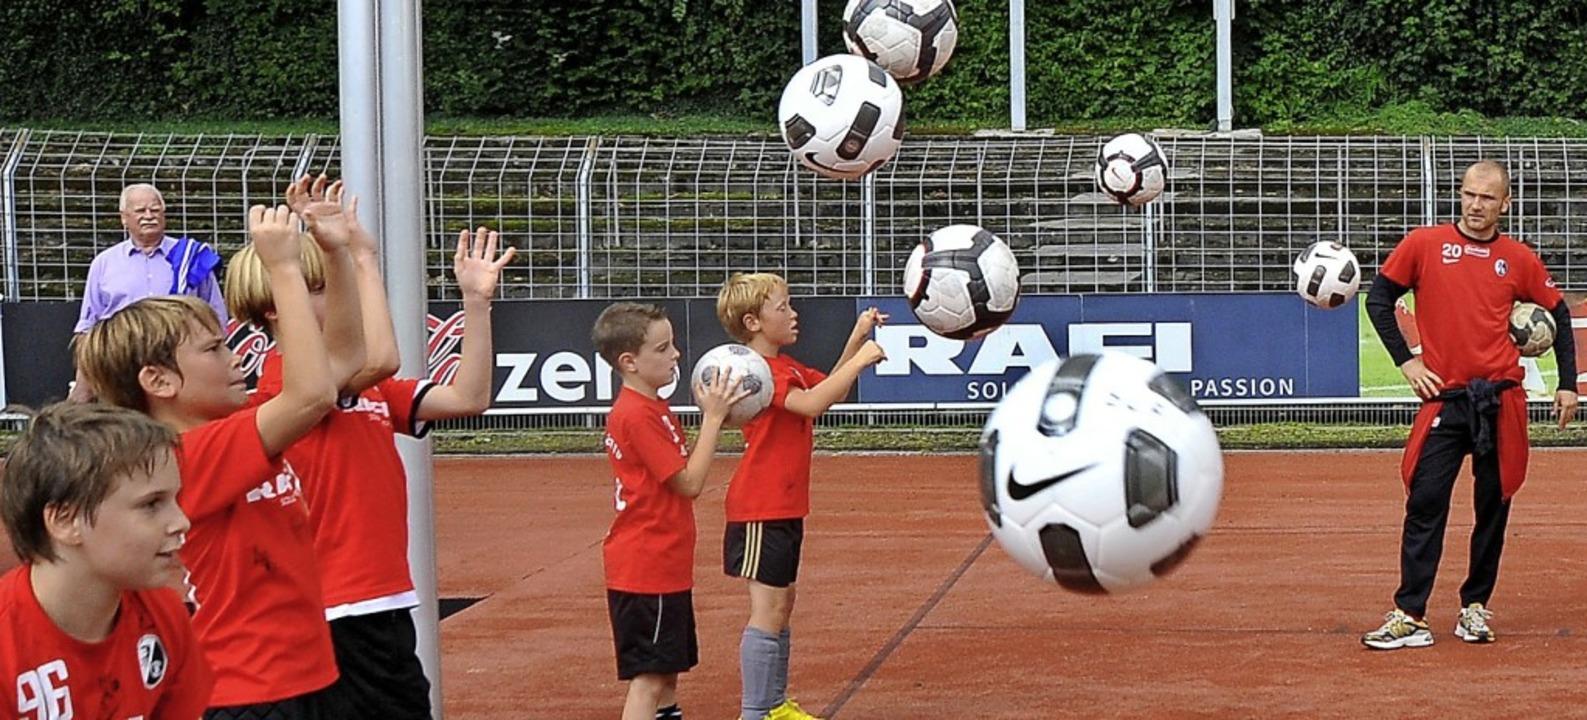 Sportverein Freiburg